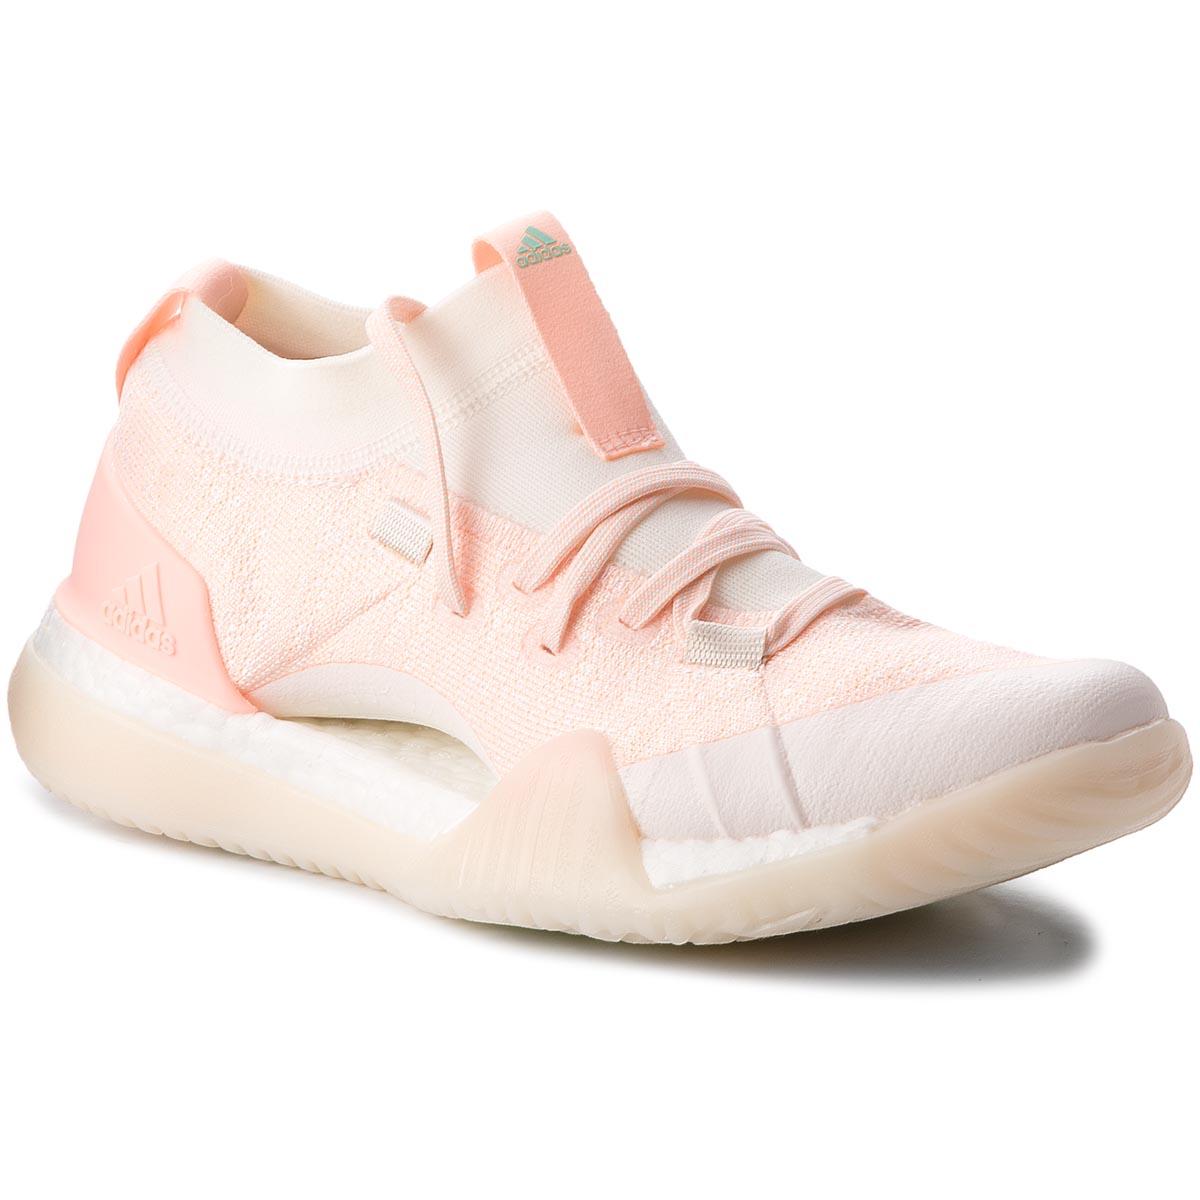 e5c40a443dd Topánky adidas - PureBoost X Trainer 3.0 DA8966 Clowhi Cleora Clemin ...